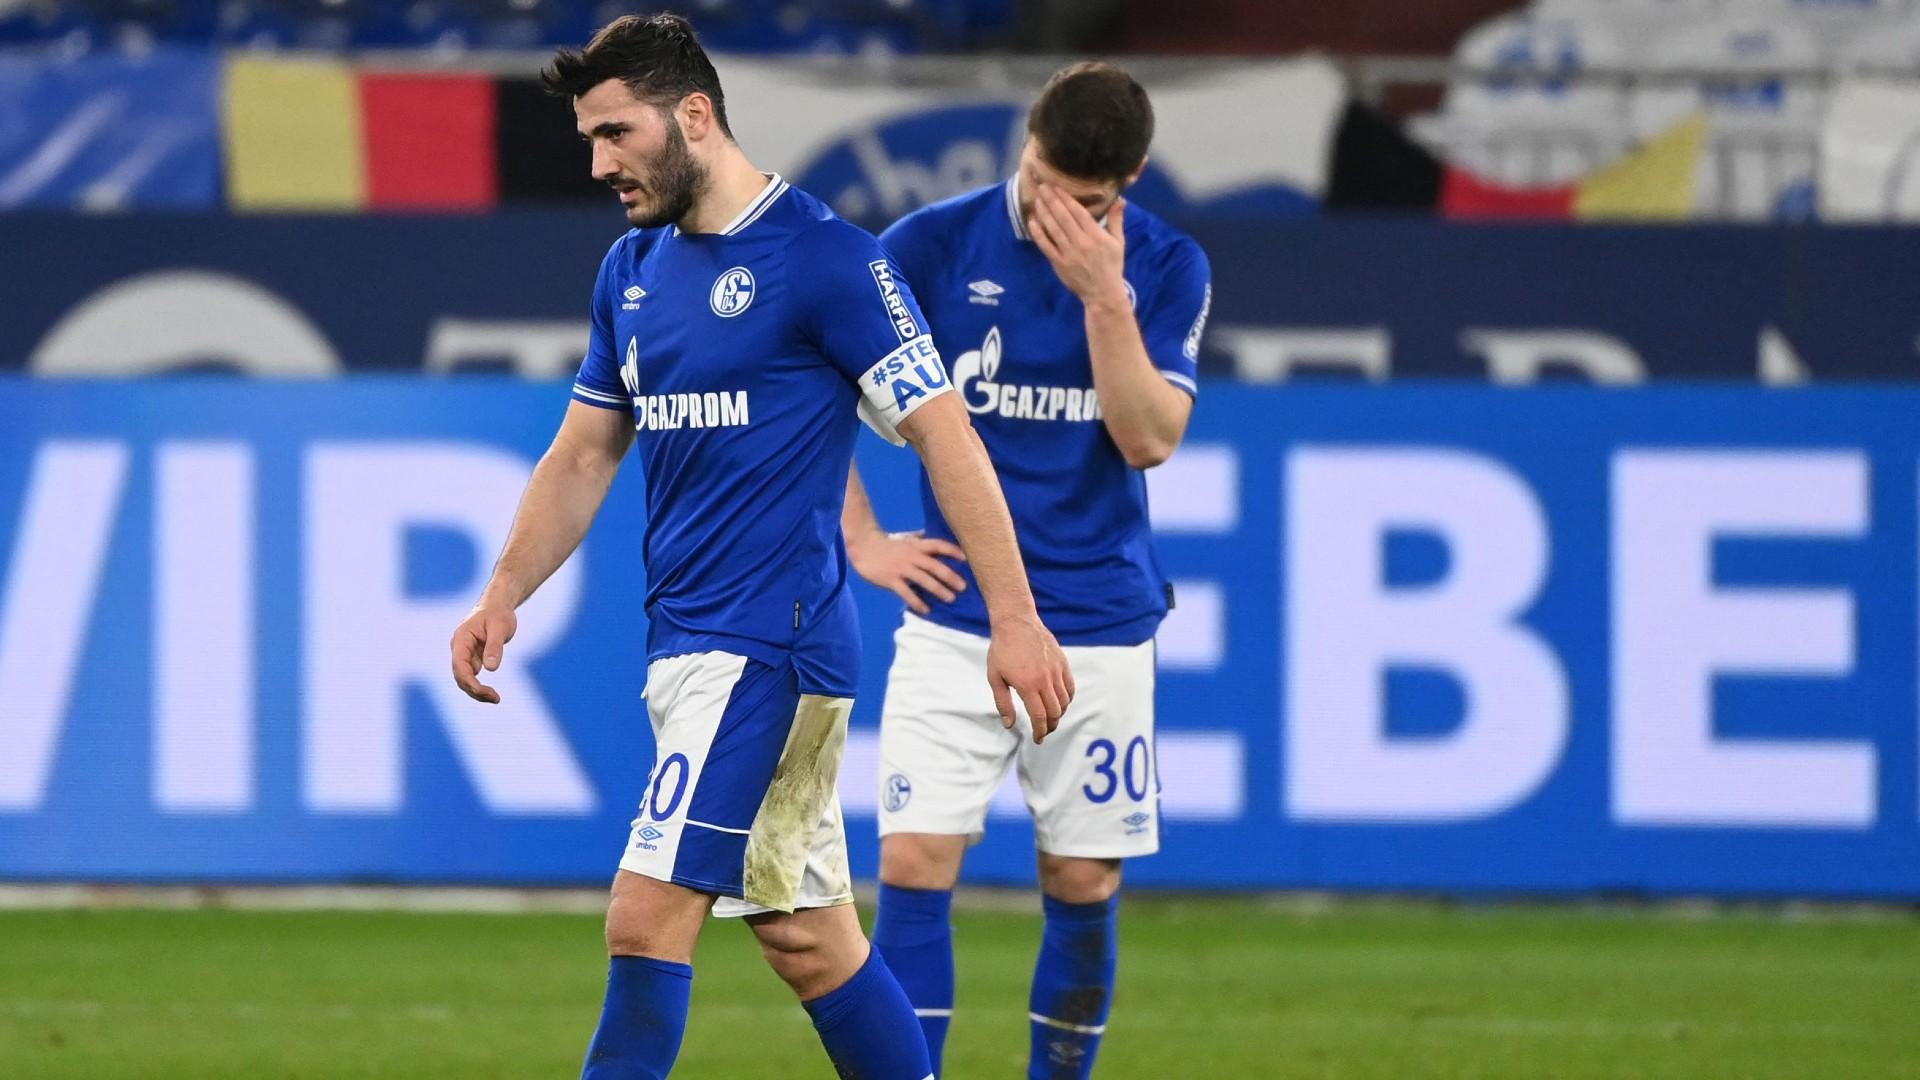 Farewell Schalke: Royal Blues face hard road back after Bundesliga relegation, warns Kuranyi